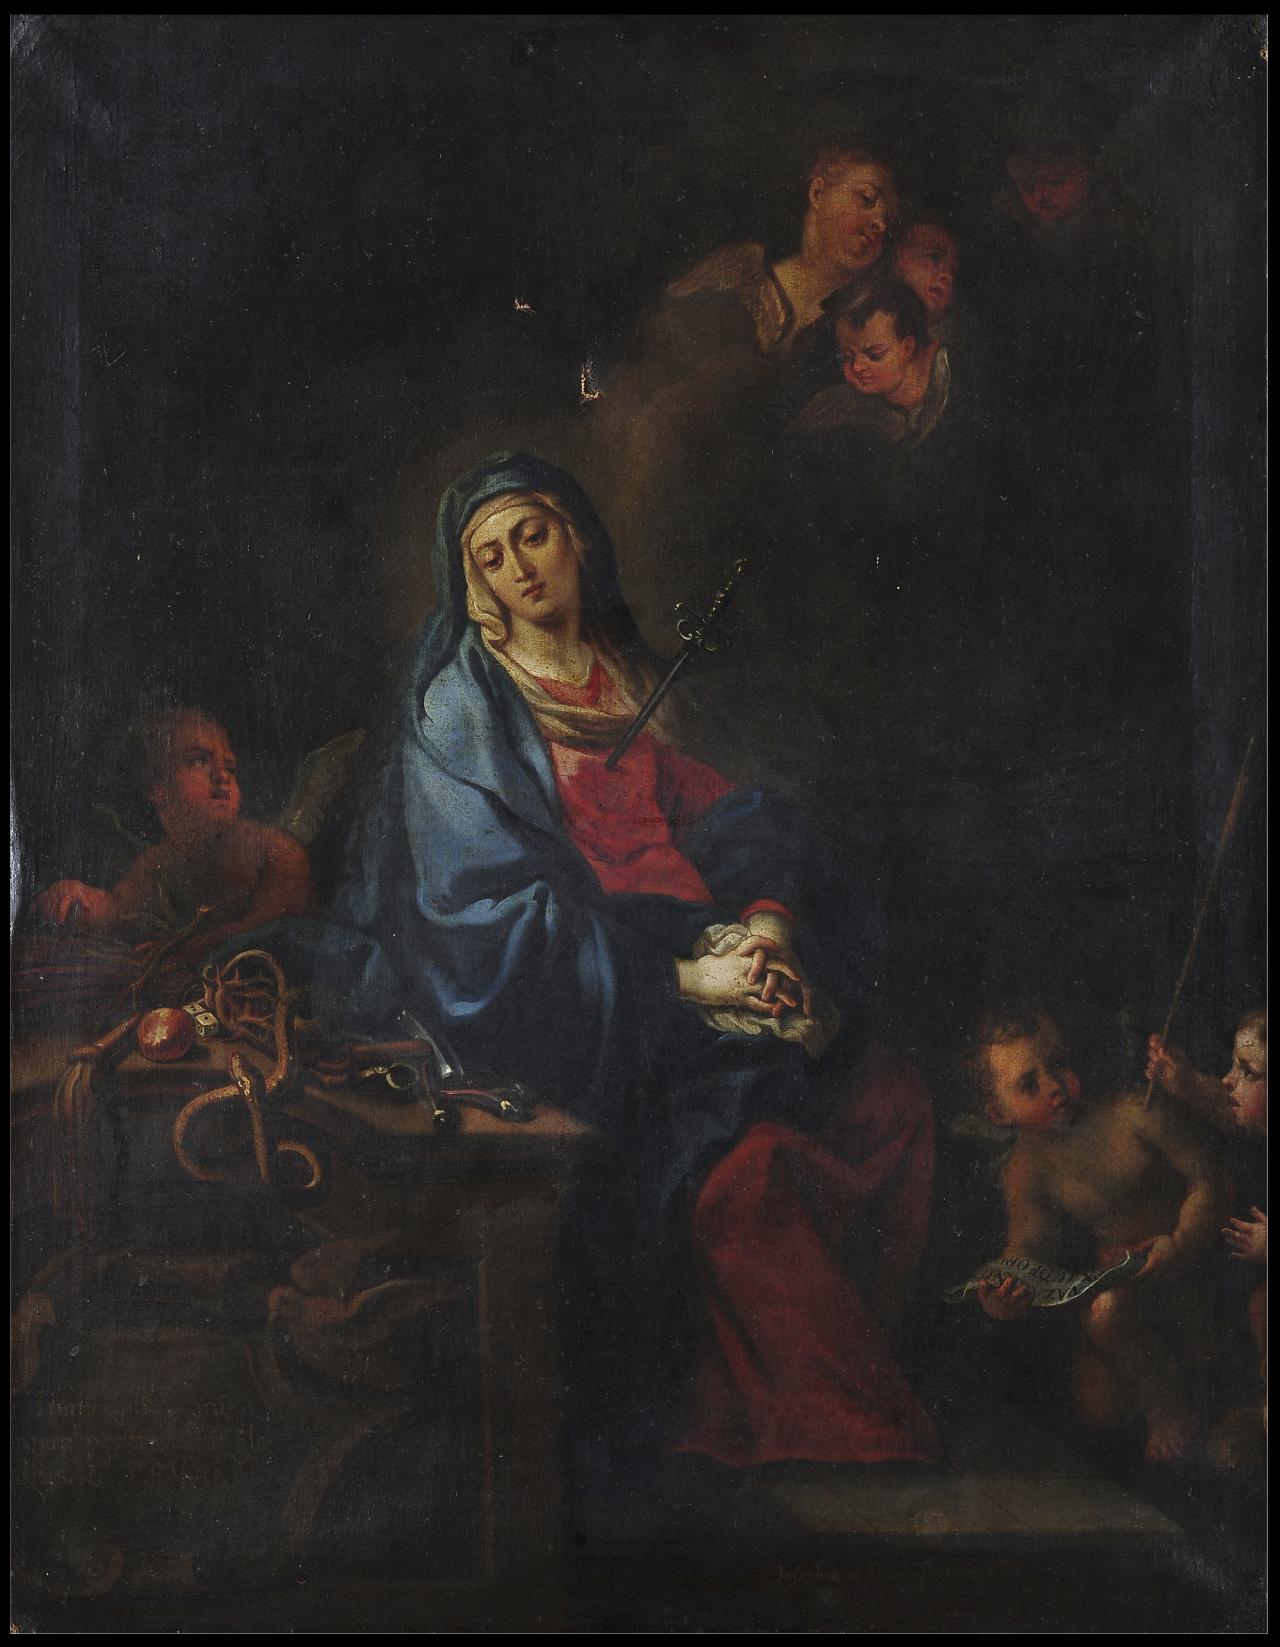 Virgen de la Soledad | Creación y restauración: lo singular y complejo del arte | Museo Amparo, Puebla